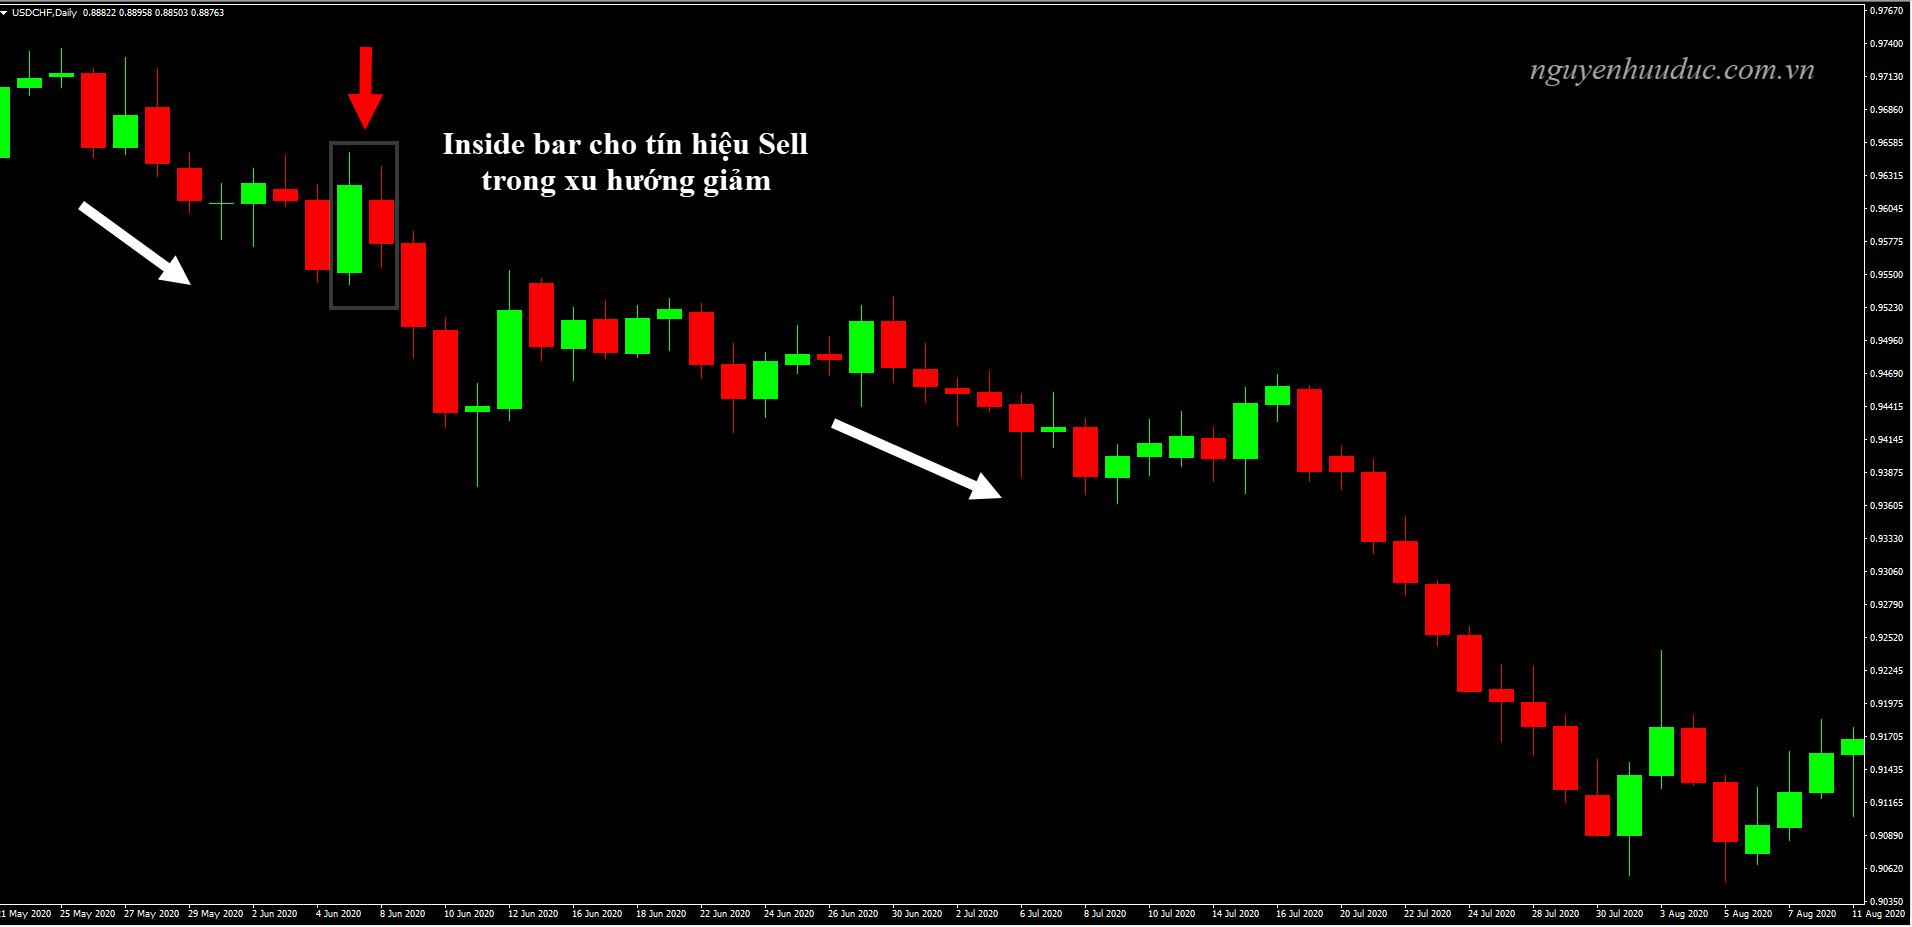 Biểu đồ USDCHF, D1 mô hình Inside Bar cho tín hiệu Sell